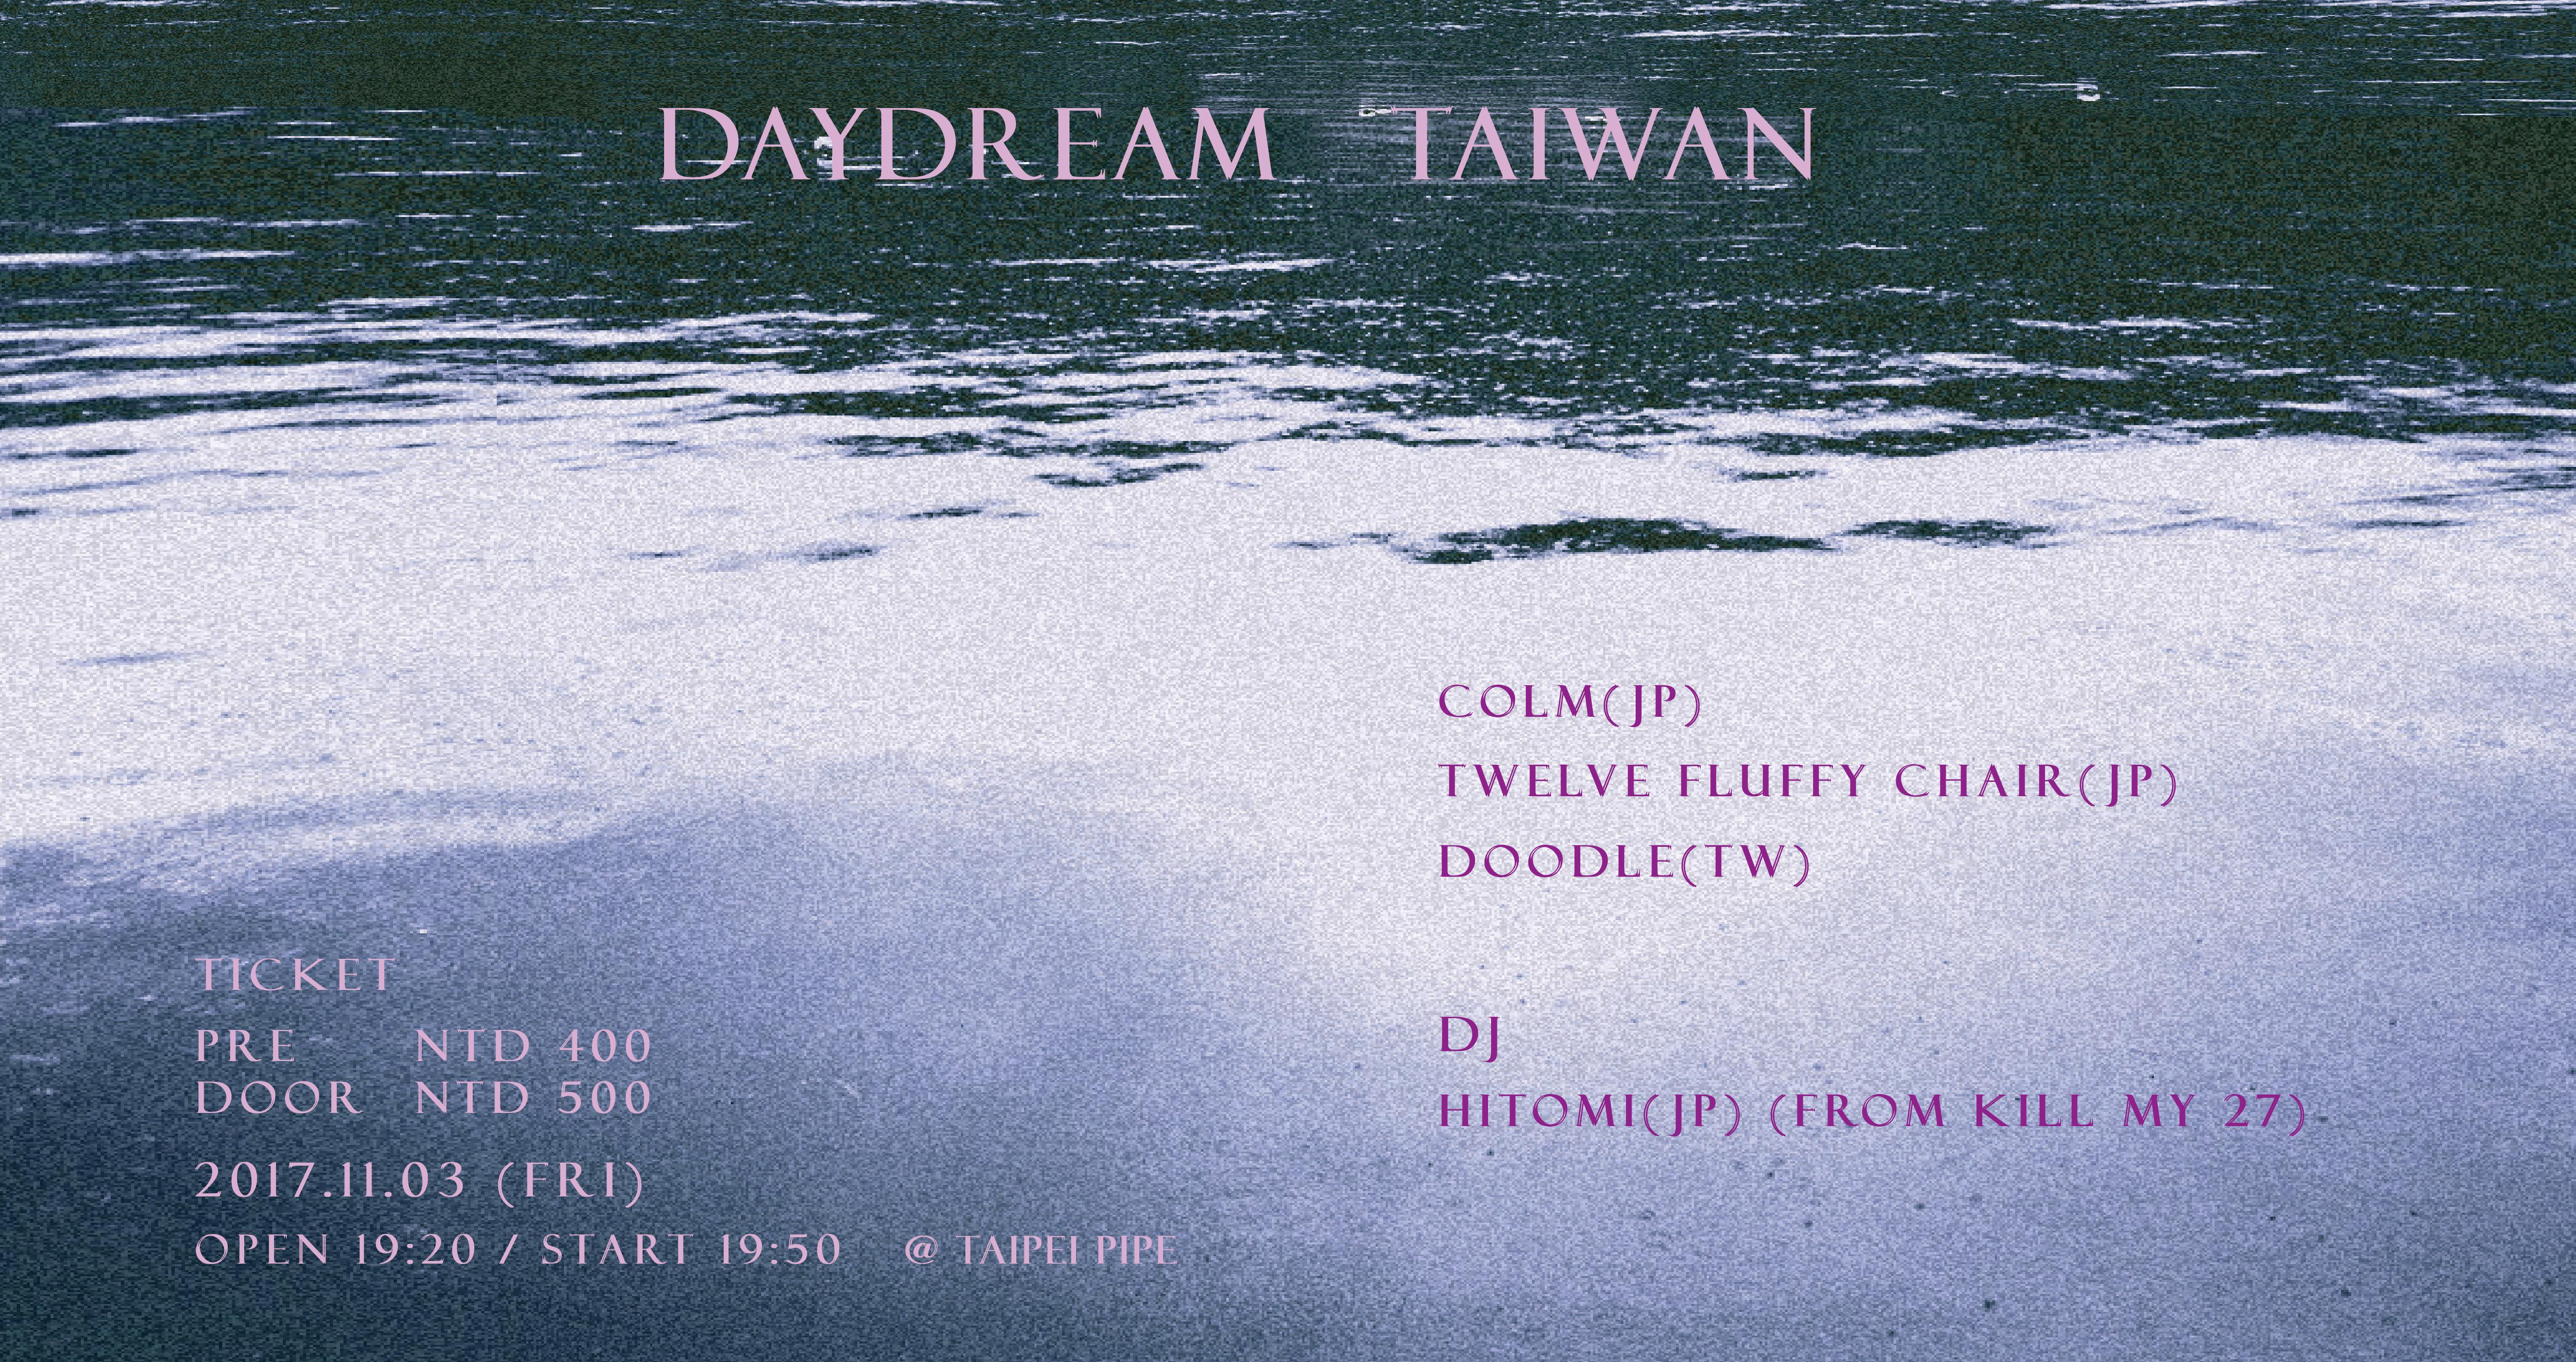 Daydream Taiwan